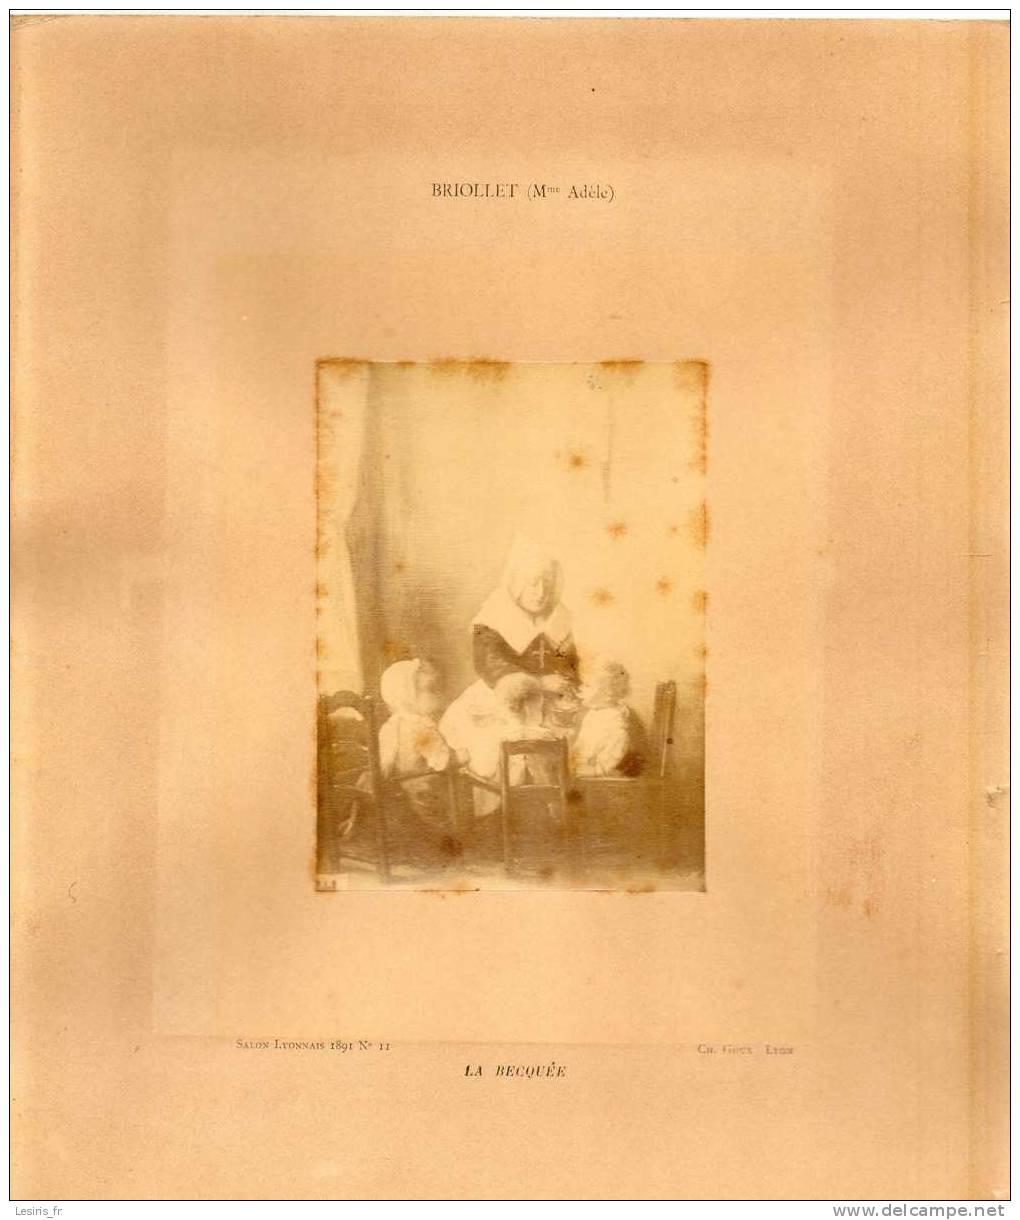 PHOTOGRAPHIE - ADELE BRIOLLET - LA BECQUEE - SALON LYONNAIS 1891 N° 11 - CH. GOUX - LYON - - Fotos